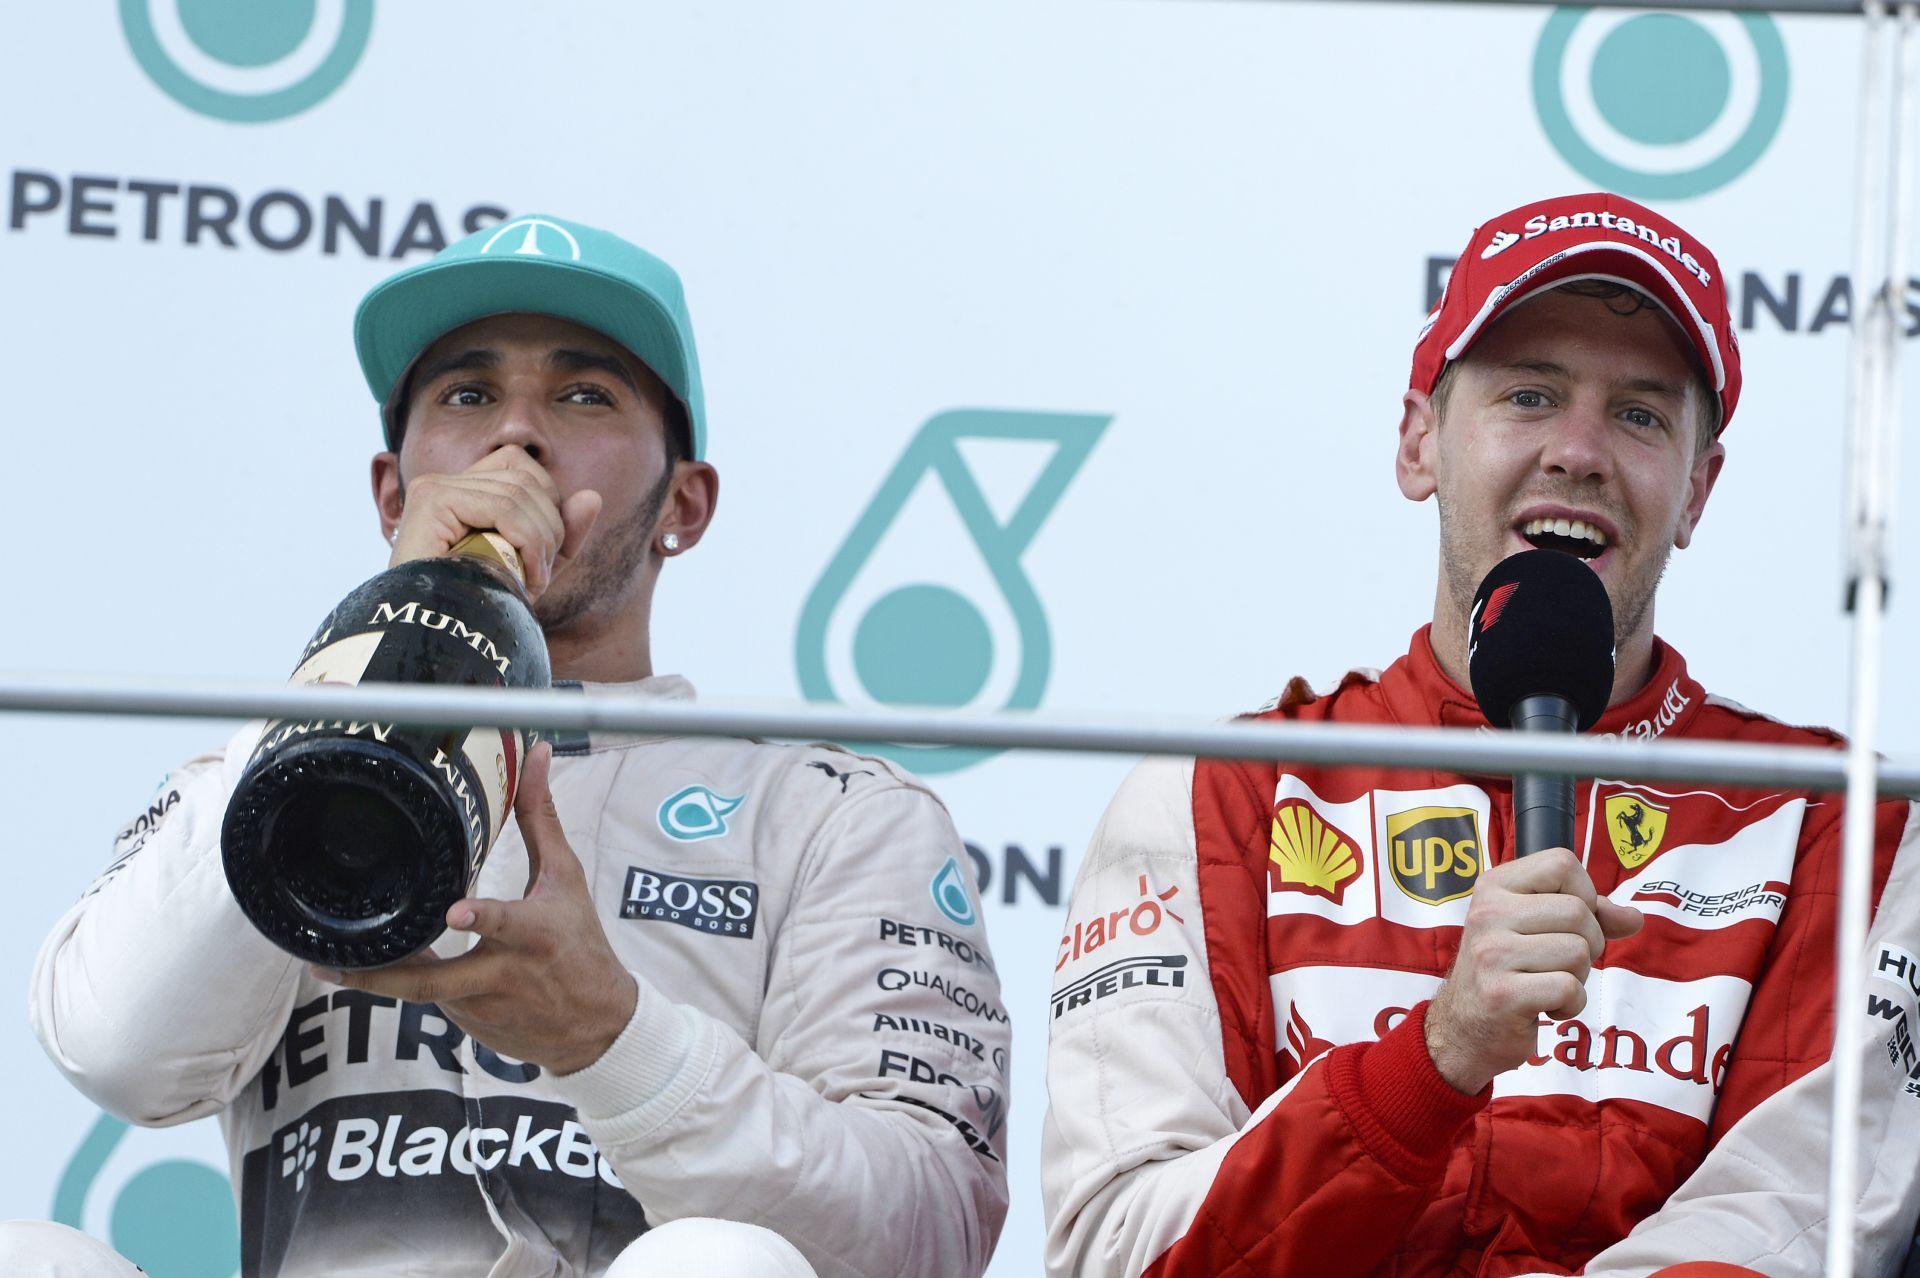 Lehet bármilyen unalmas egy F1-es nagydíj, ha Hamilton és Vettel egymás mellé kerül